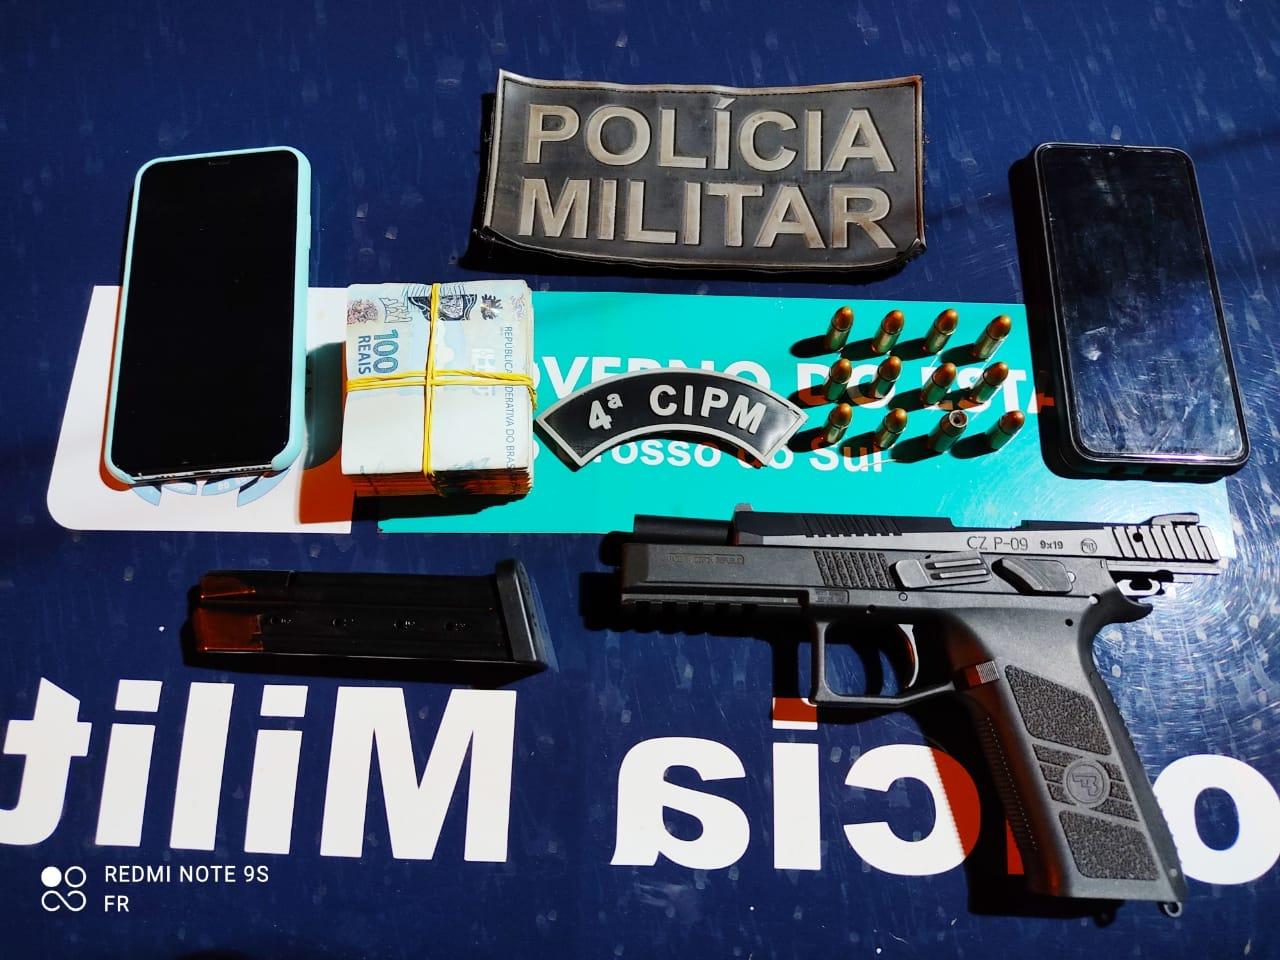 Mulher é presa com pistola municiada e R$ 10 mil reais dentro de maço de cigarro